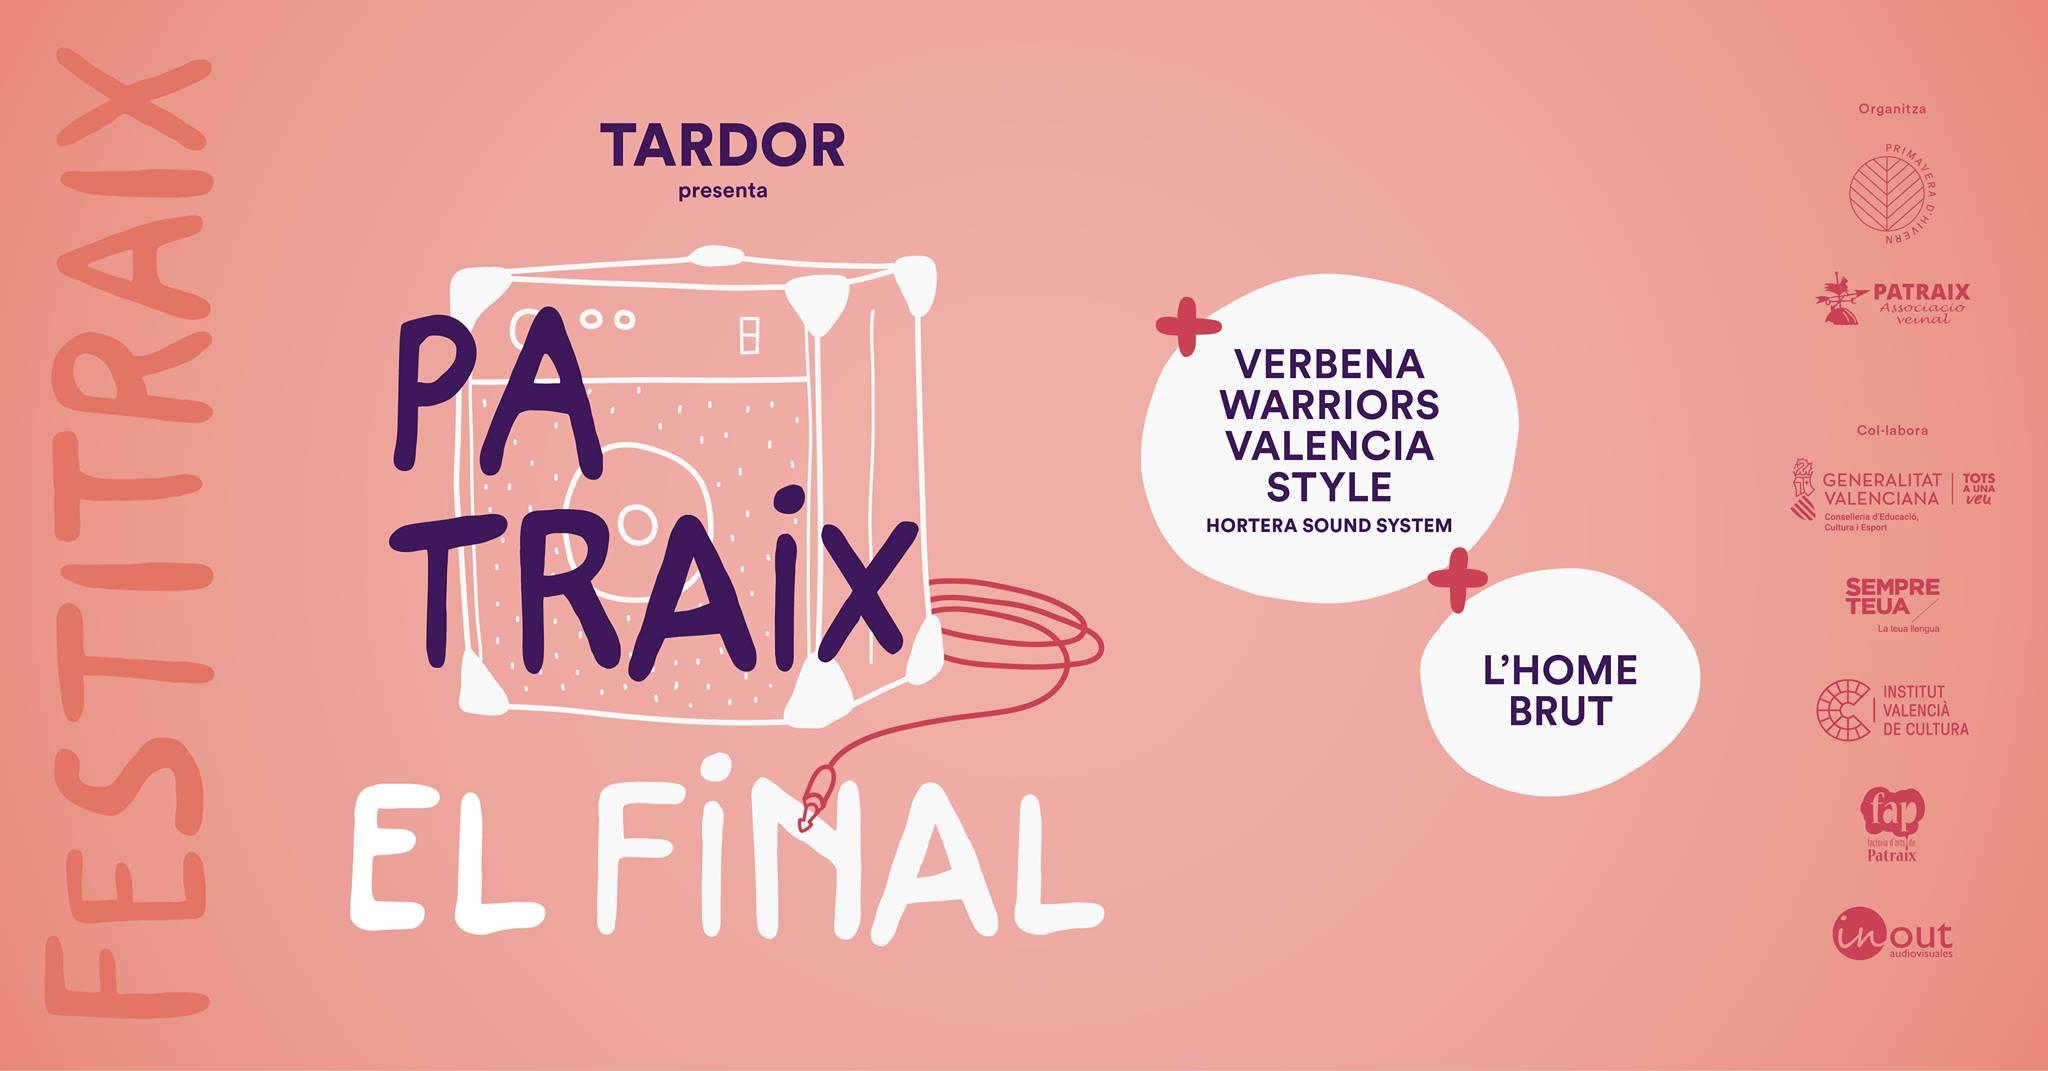 Tardor finaliza mañana la gira del disco Patraix dentro del Festitraix